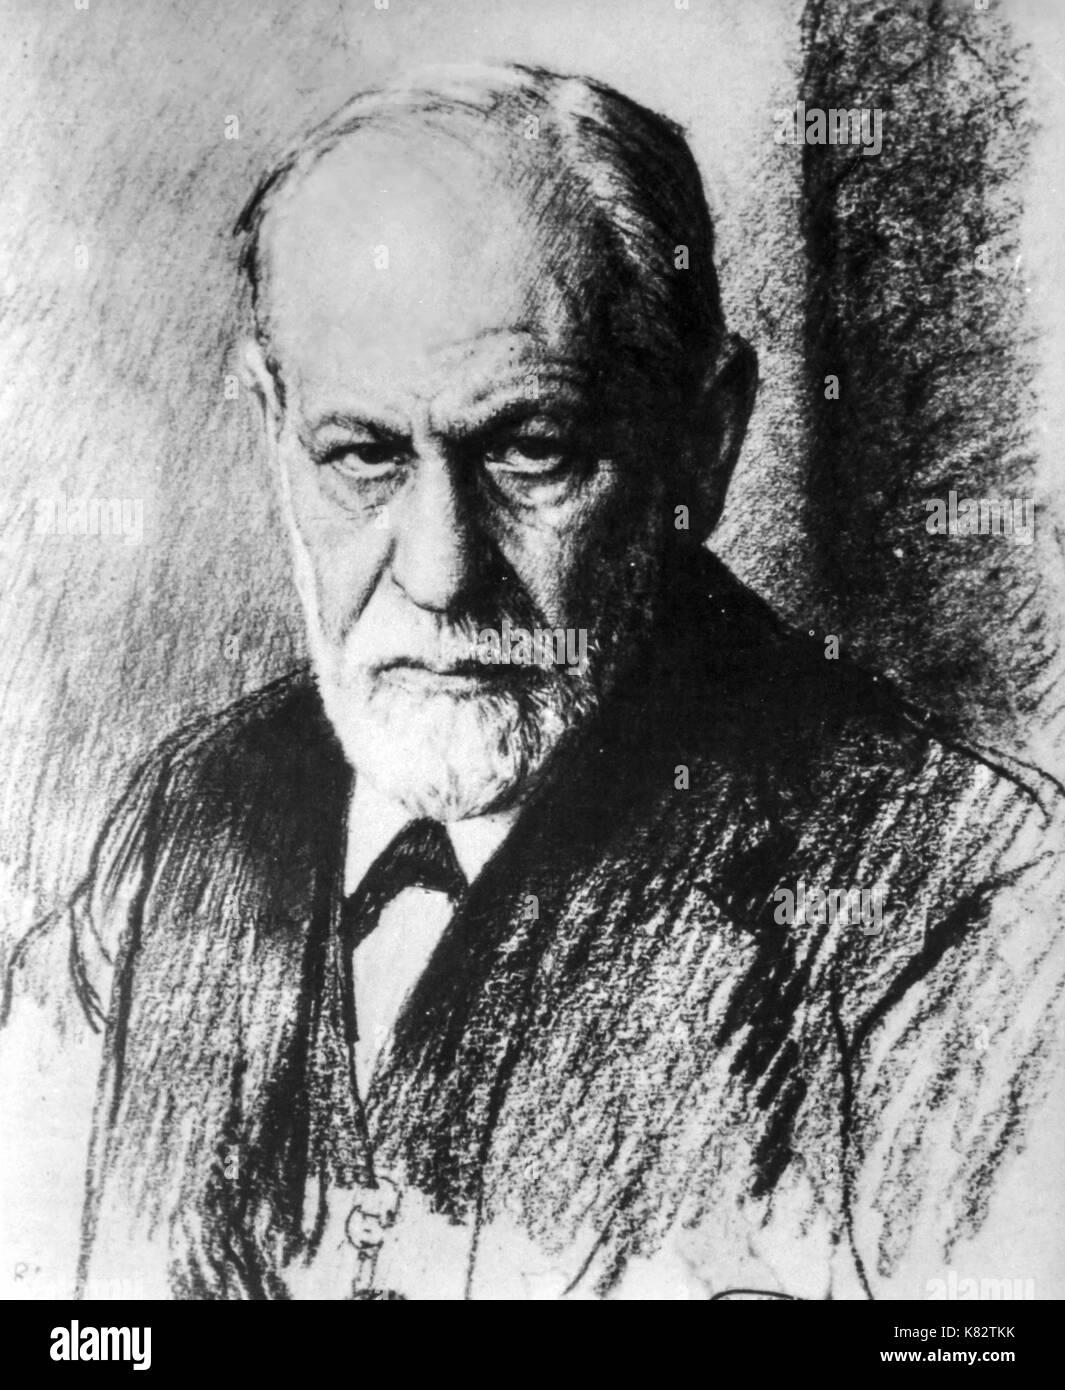 sigmund freud, portrait by ferdinand schmutzer, 1926 - Stock Image